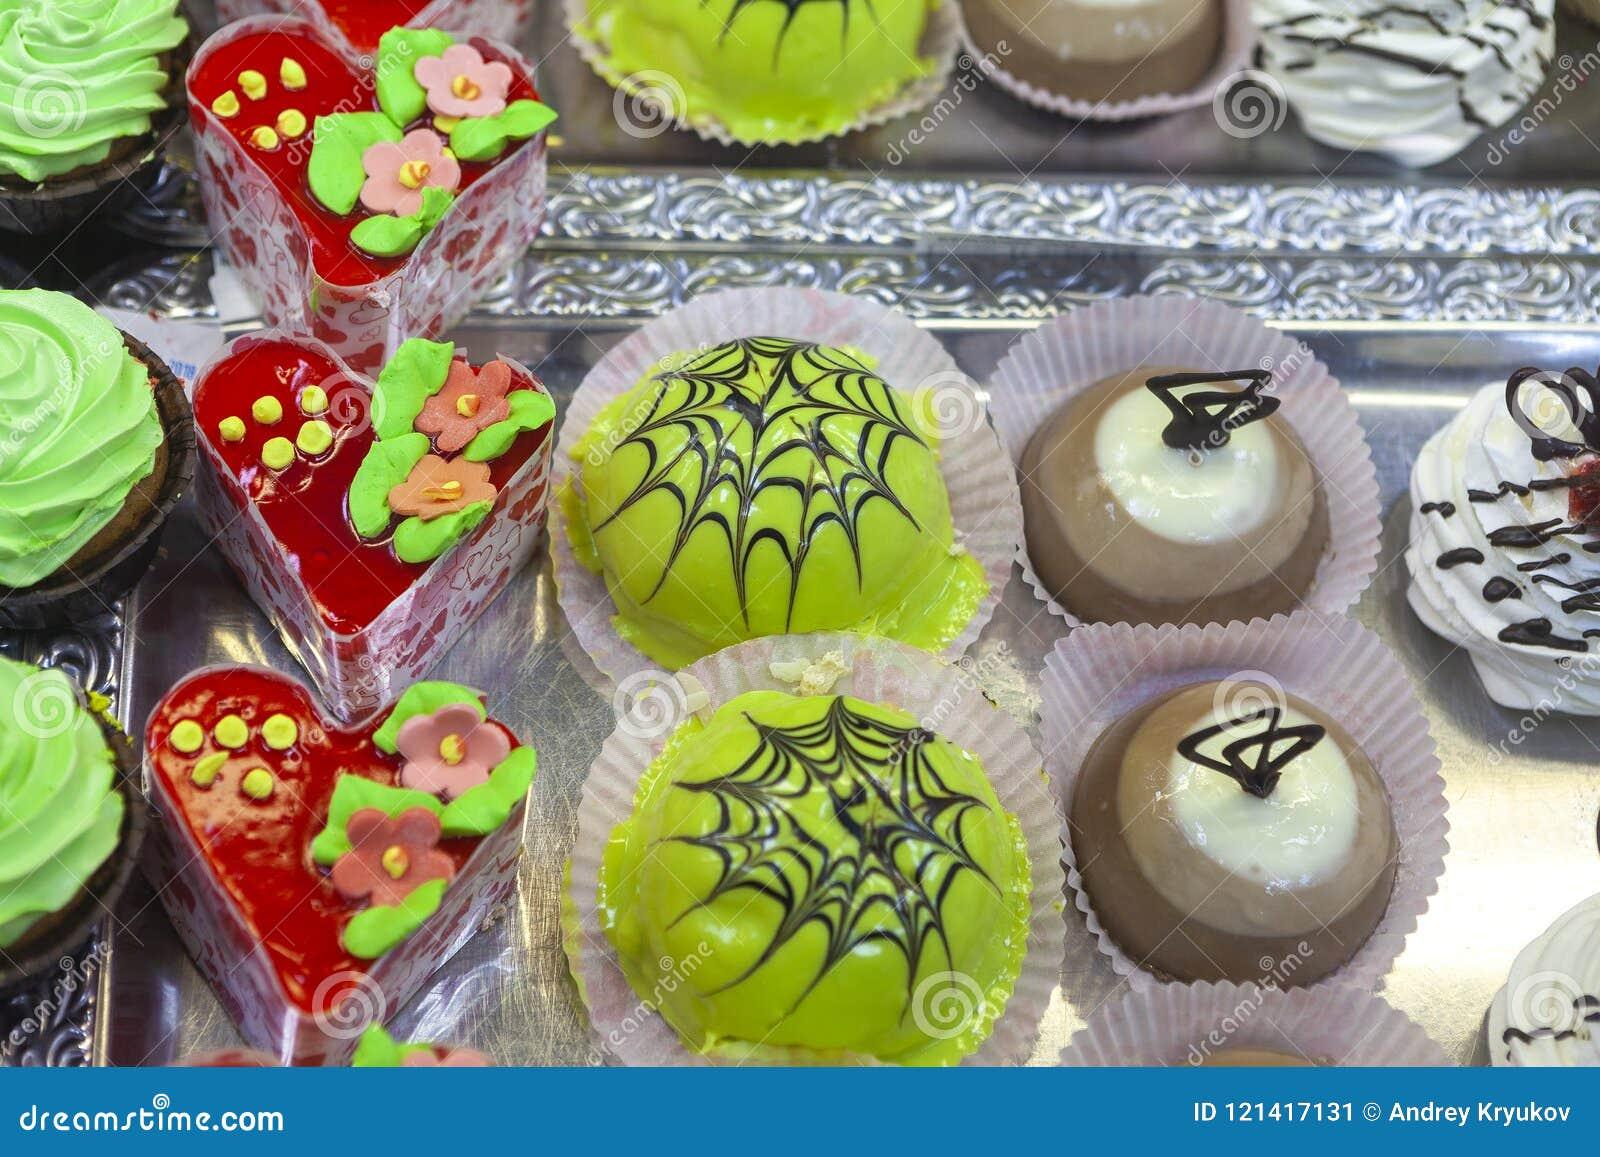 Glasig-glänzendes Grünes, Rot und Schokoladenkuchen mit Marmeladenblumen und Schokoladenbelag